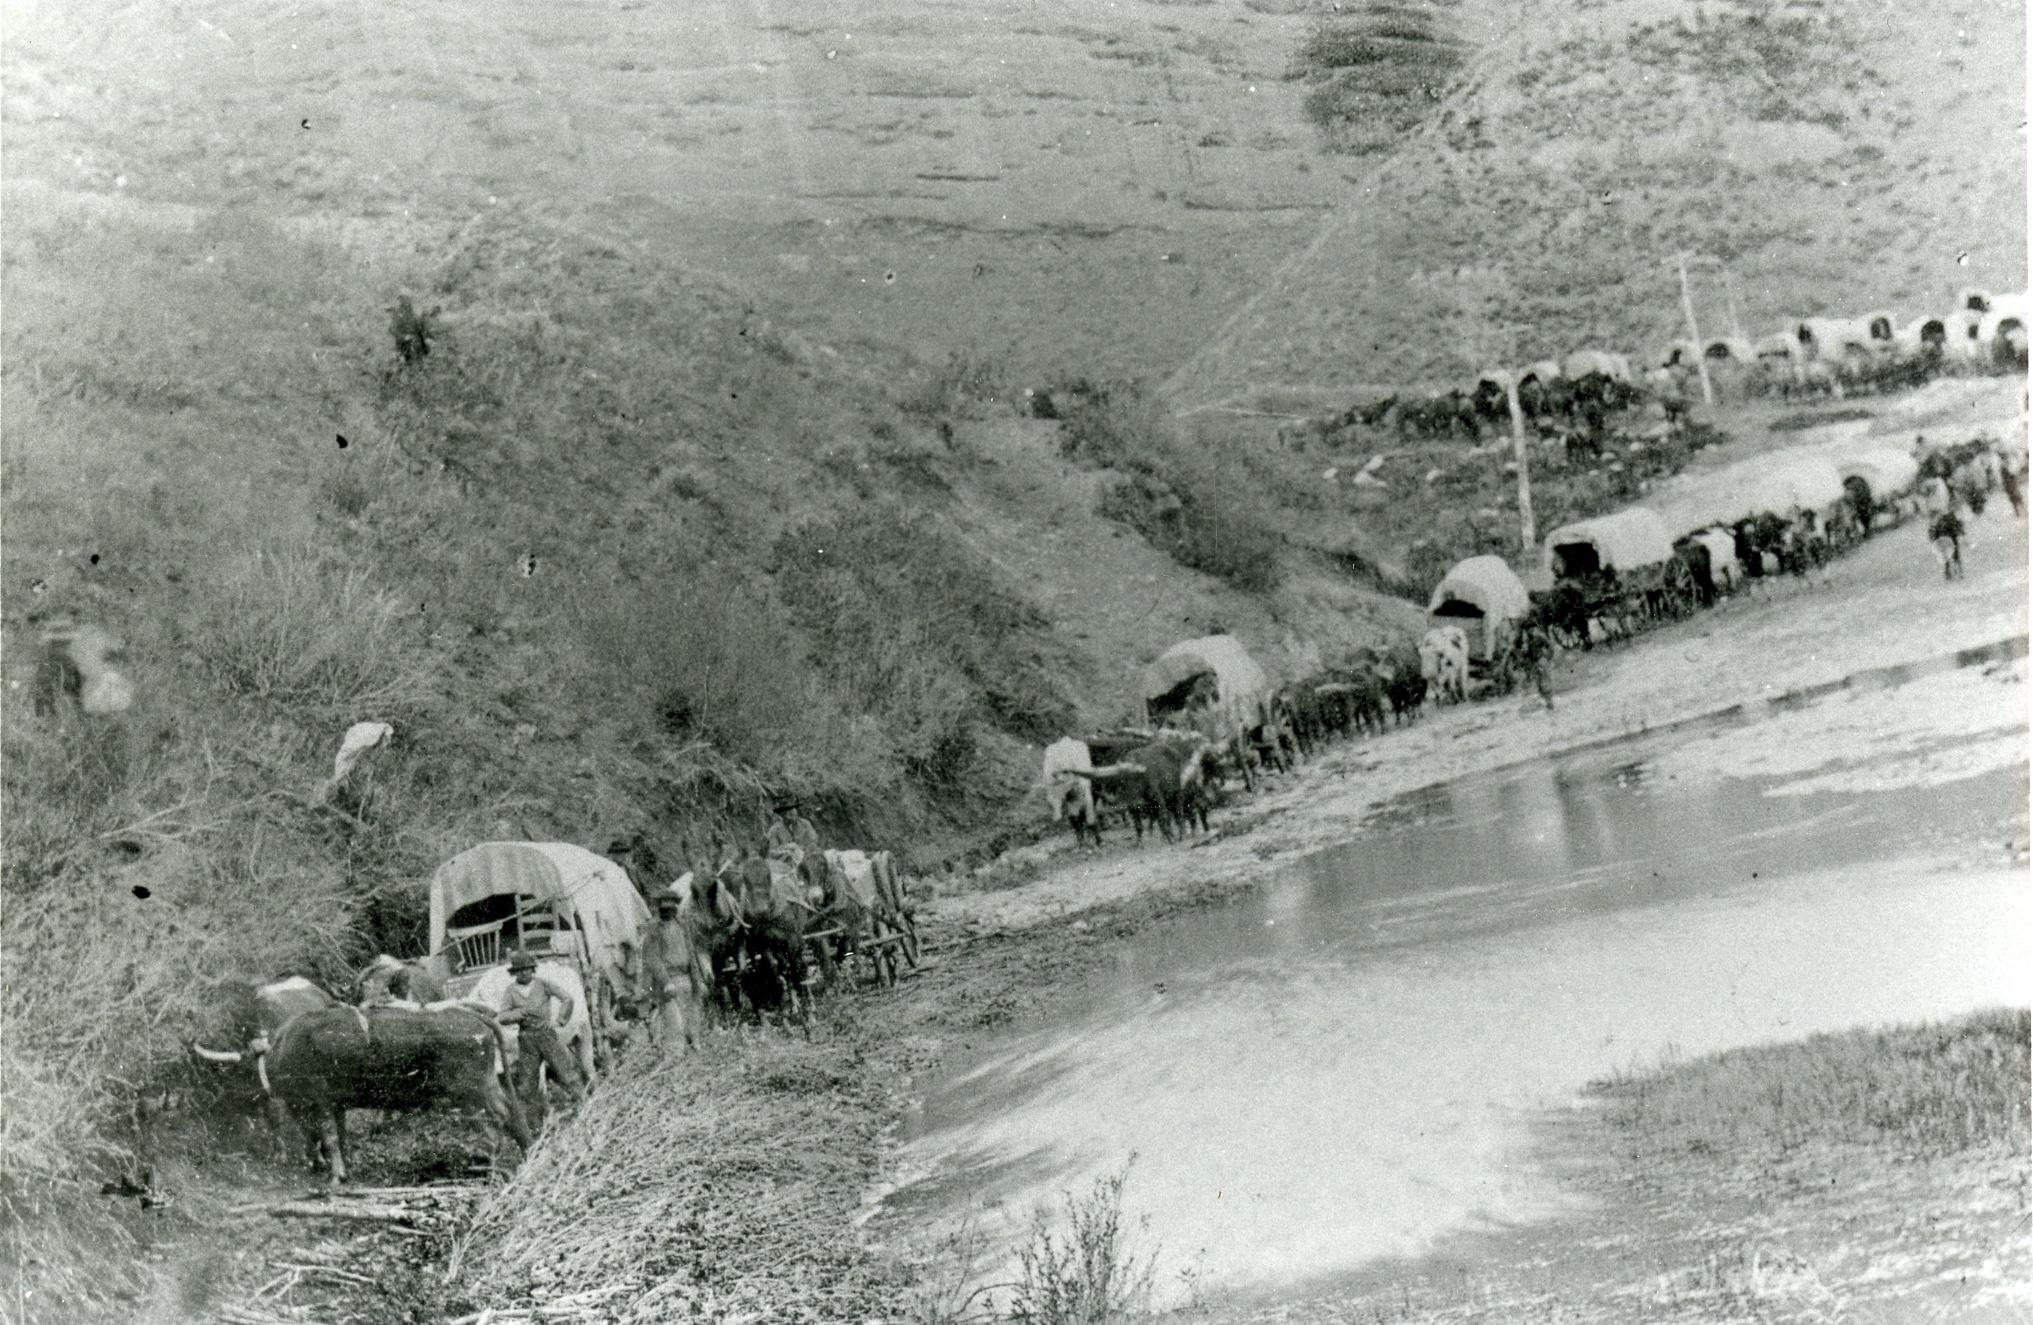 Os pioneiros caminham pelo deserto com vagões cobertos e carrinhos de mão.